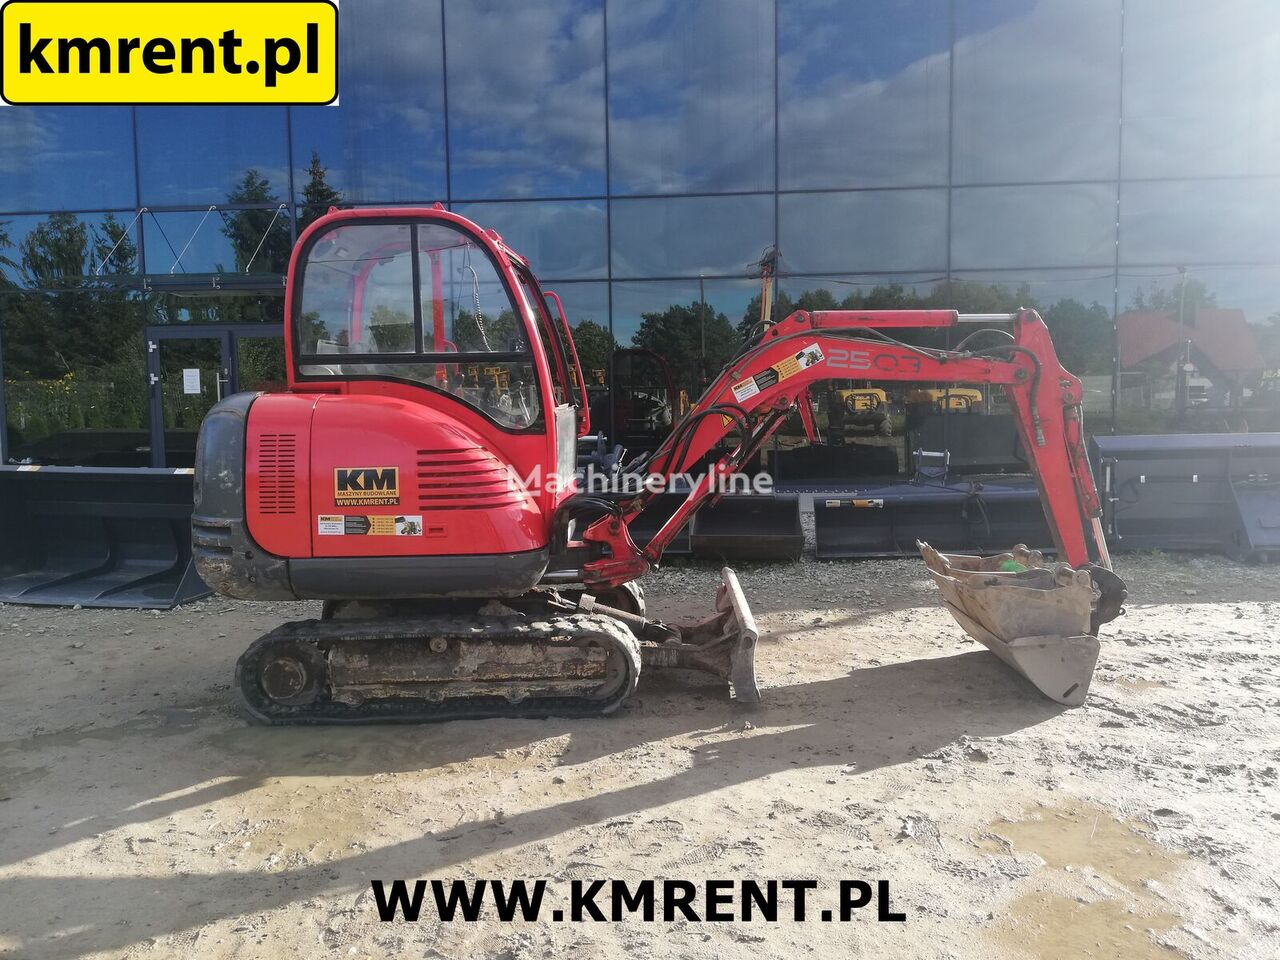 Wacker Neuson 2503 I JCB 8025 8030 8026 CAT 302.5 CASE CX 26 HITACHI ZX 17 27  mini excavator